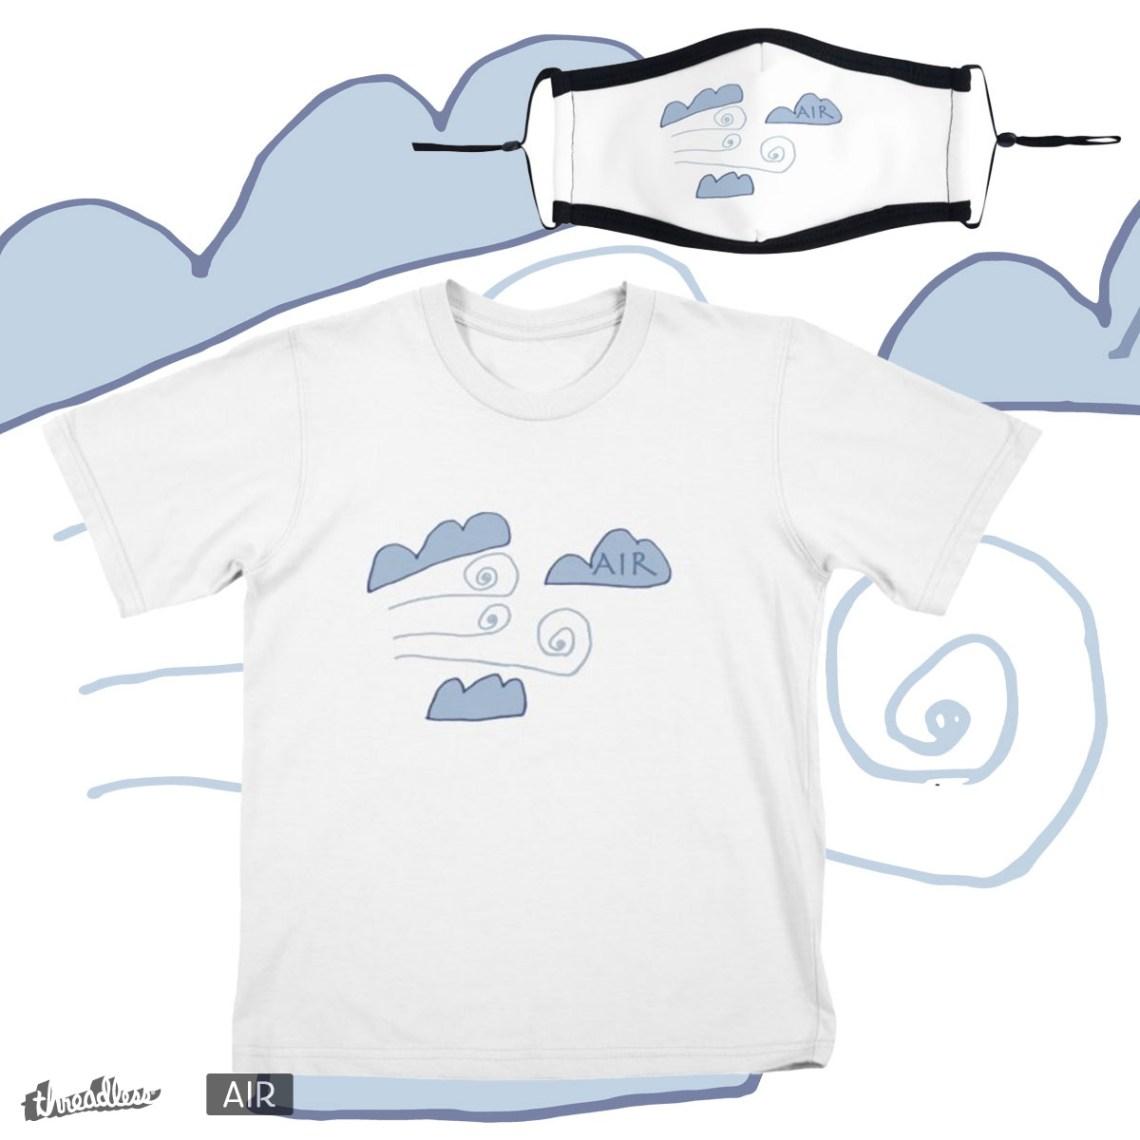 Ancient Air , a cool t-shirt design